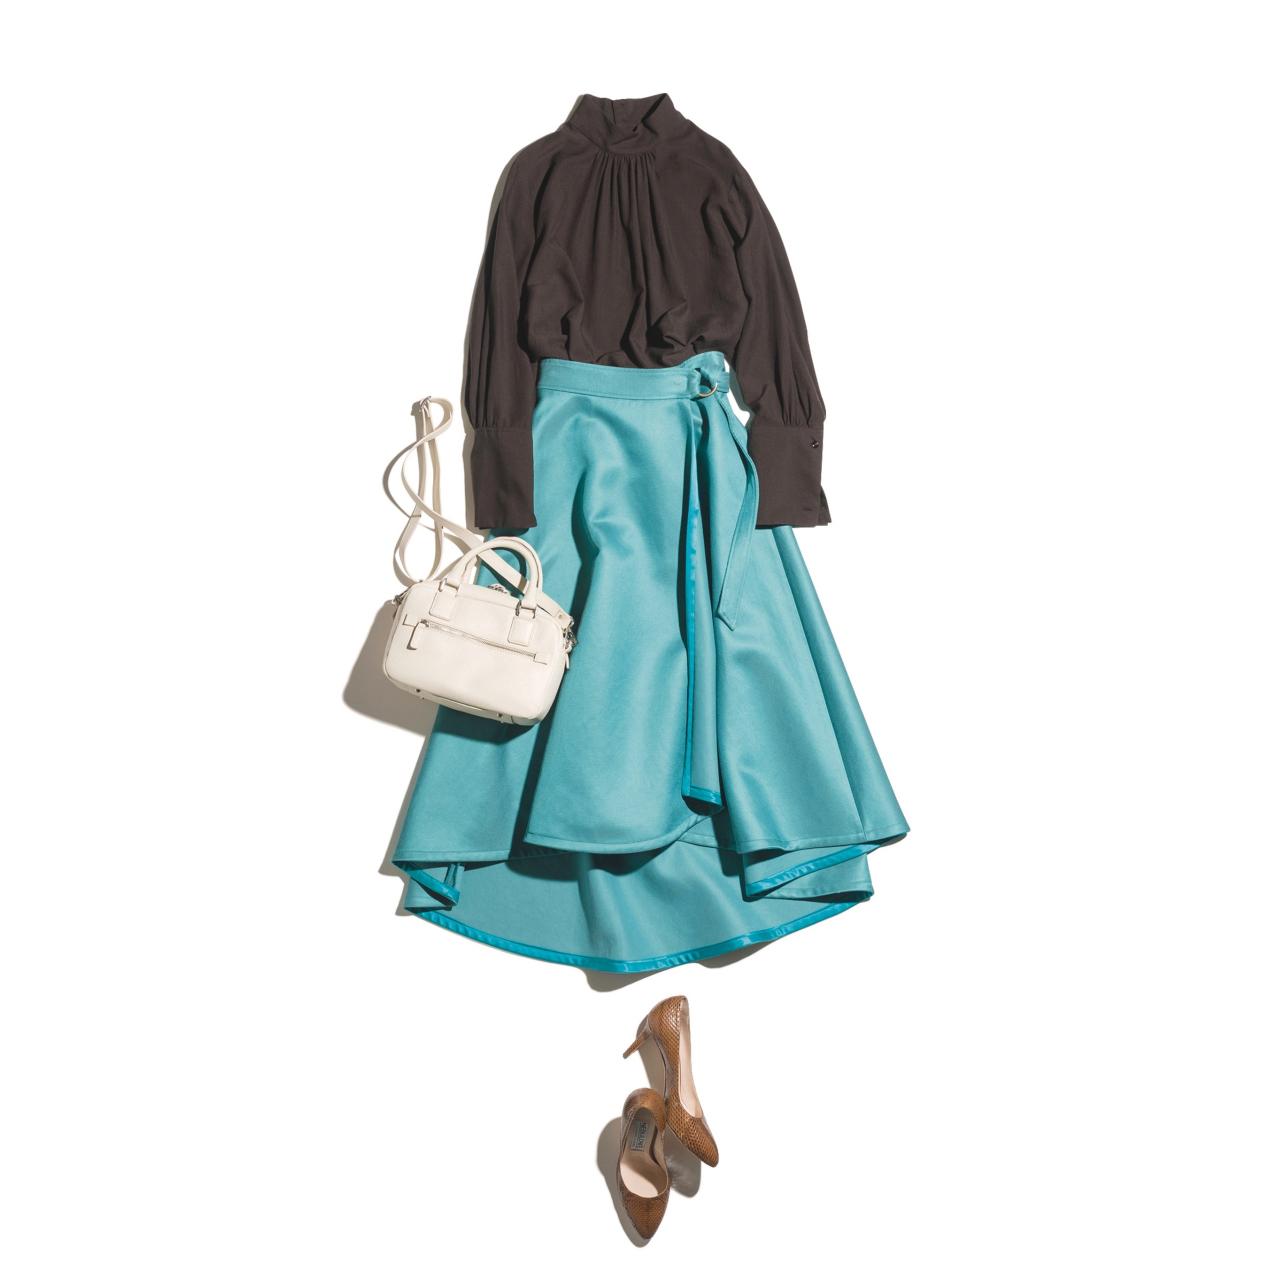 チョコブラウンのブラウス×ターコイズグリーンのラップスカートのファッションコーデ